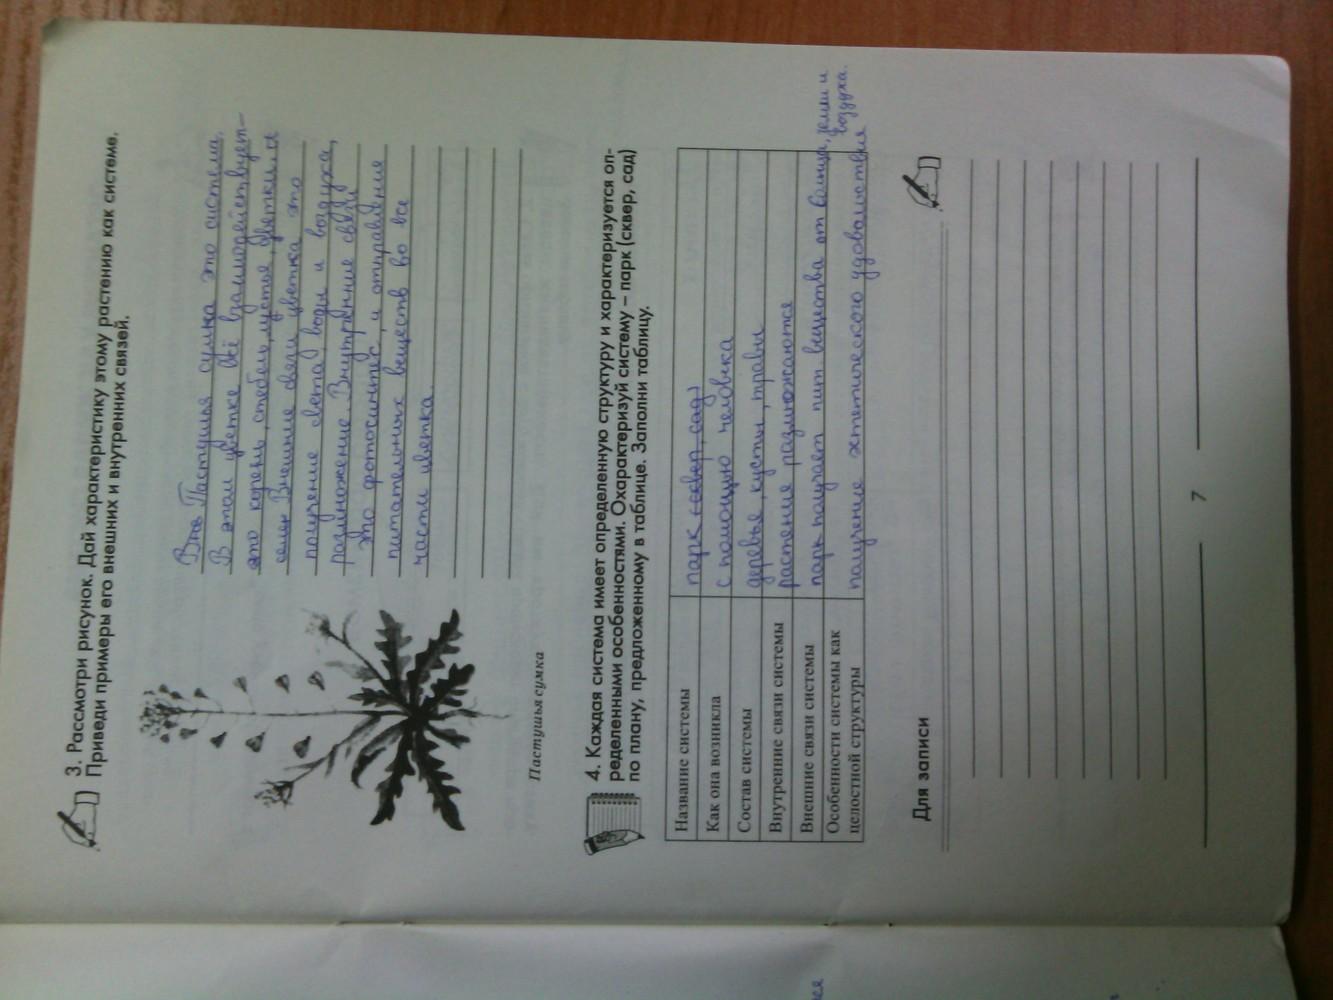 ГДЗ відповіді робочий зошит по биологии 6 класс Котик, Гусева. Задание: стр. 7